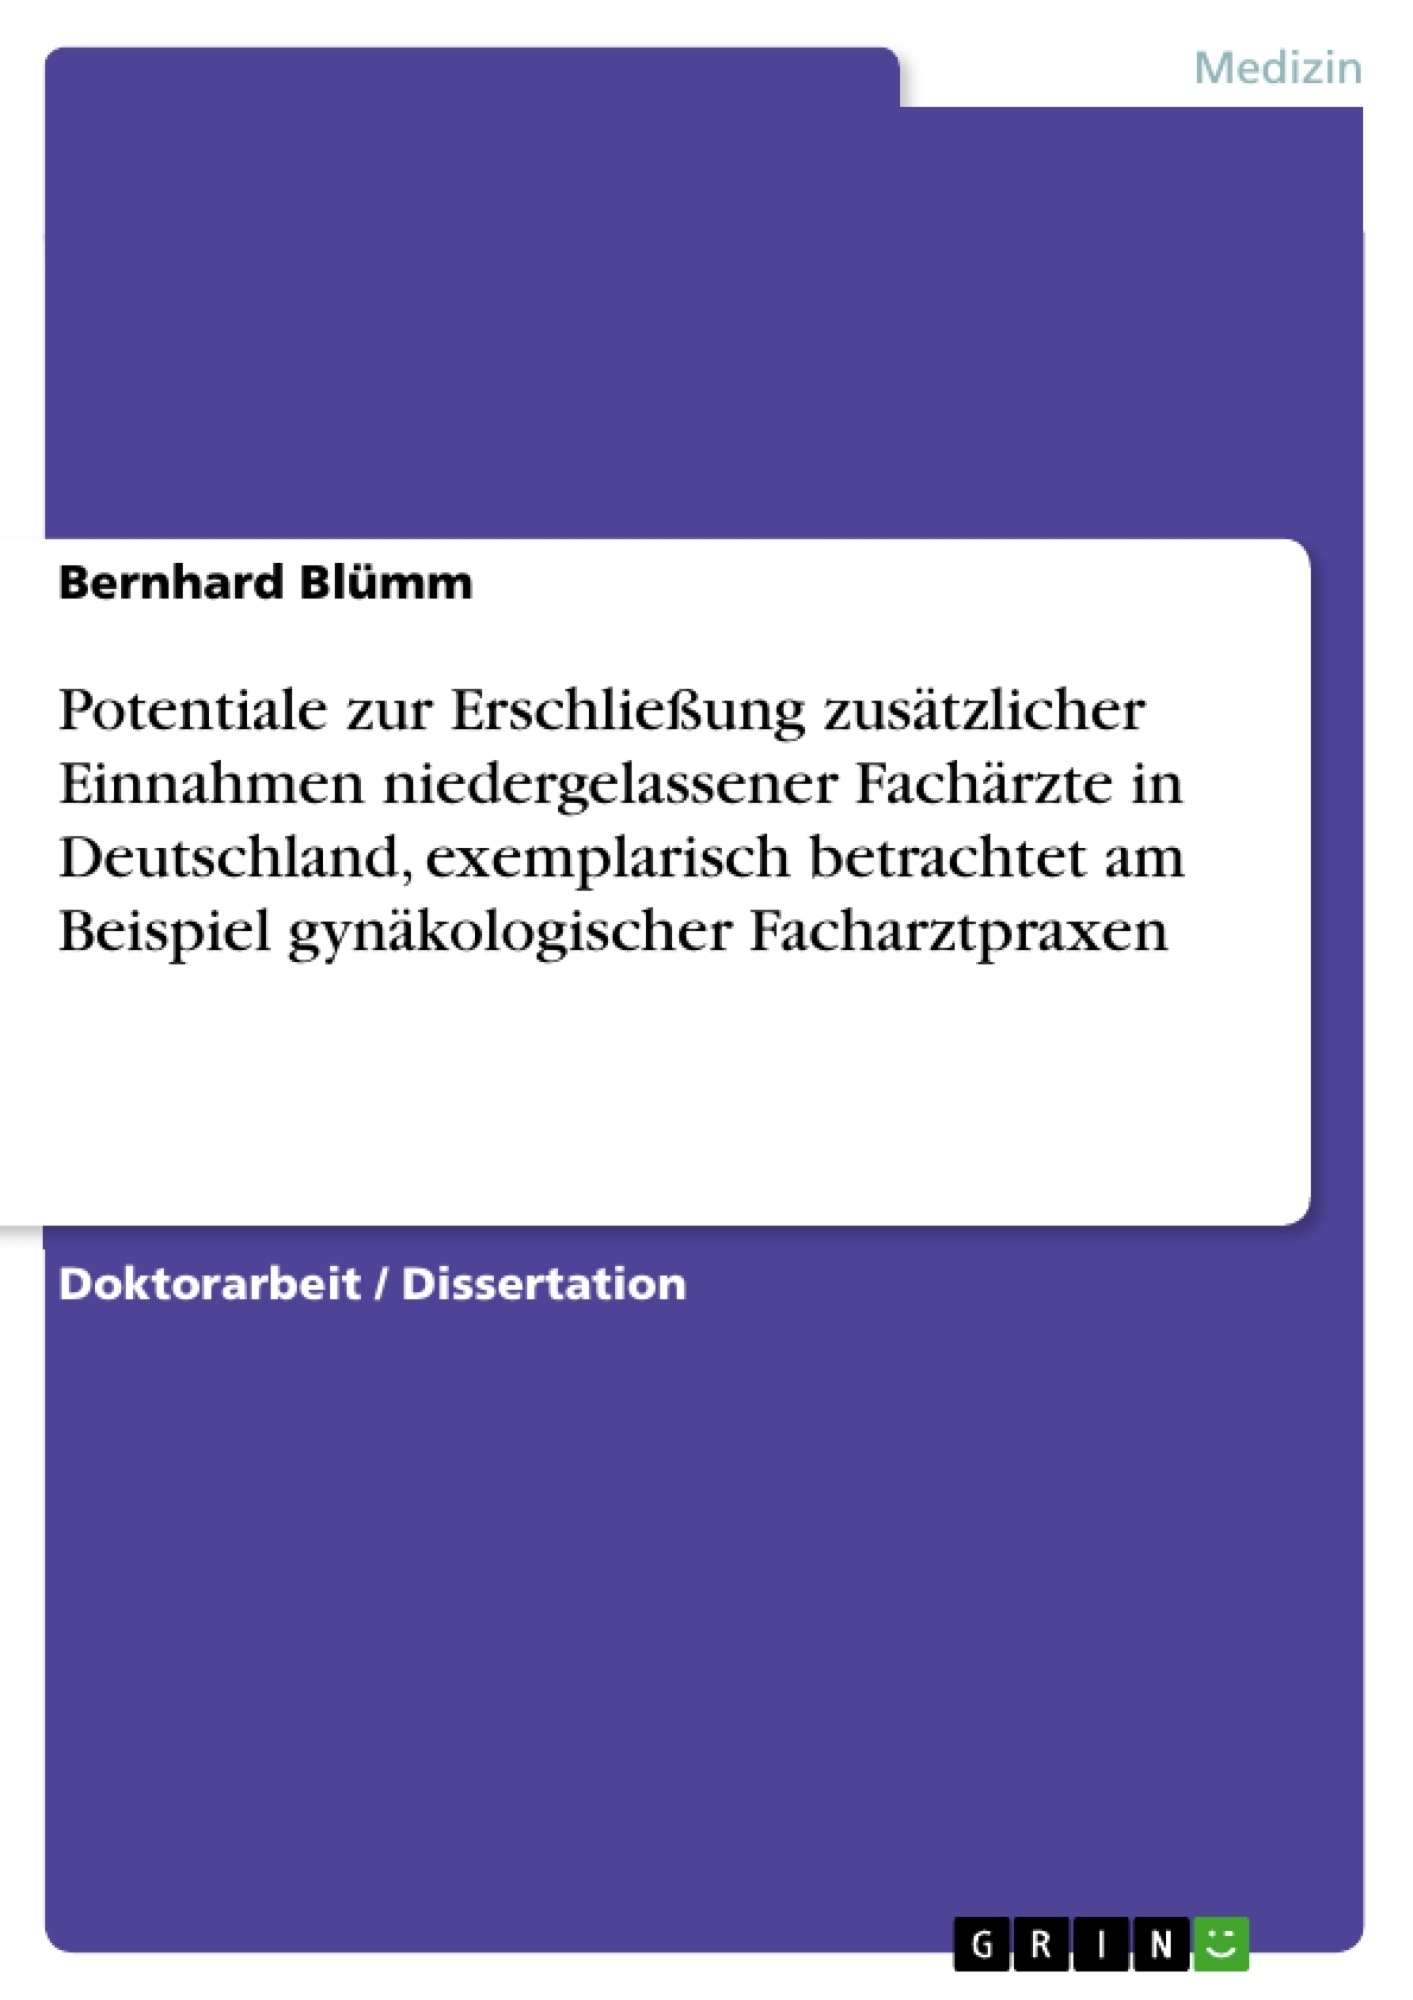 Titel: Potentiale zur Erschließung zusätzlicher Einnahmen niedergelassener Fachärzte in Deutschland, exemplarisch betrachtet am Beispiel gynäkologischer Facharztpraxen